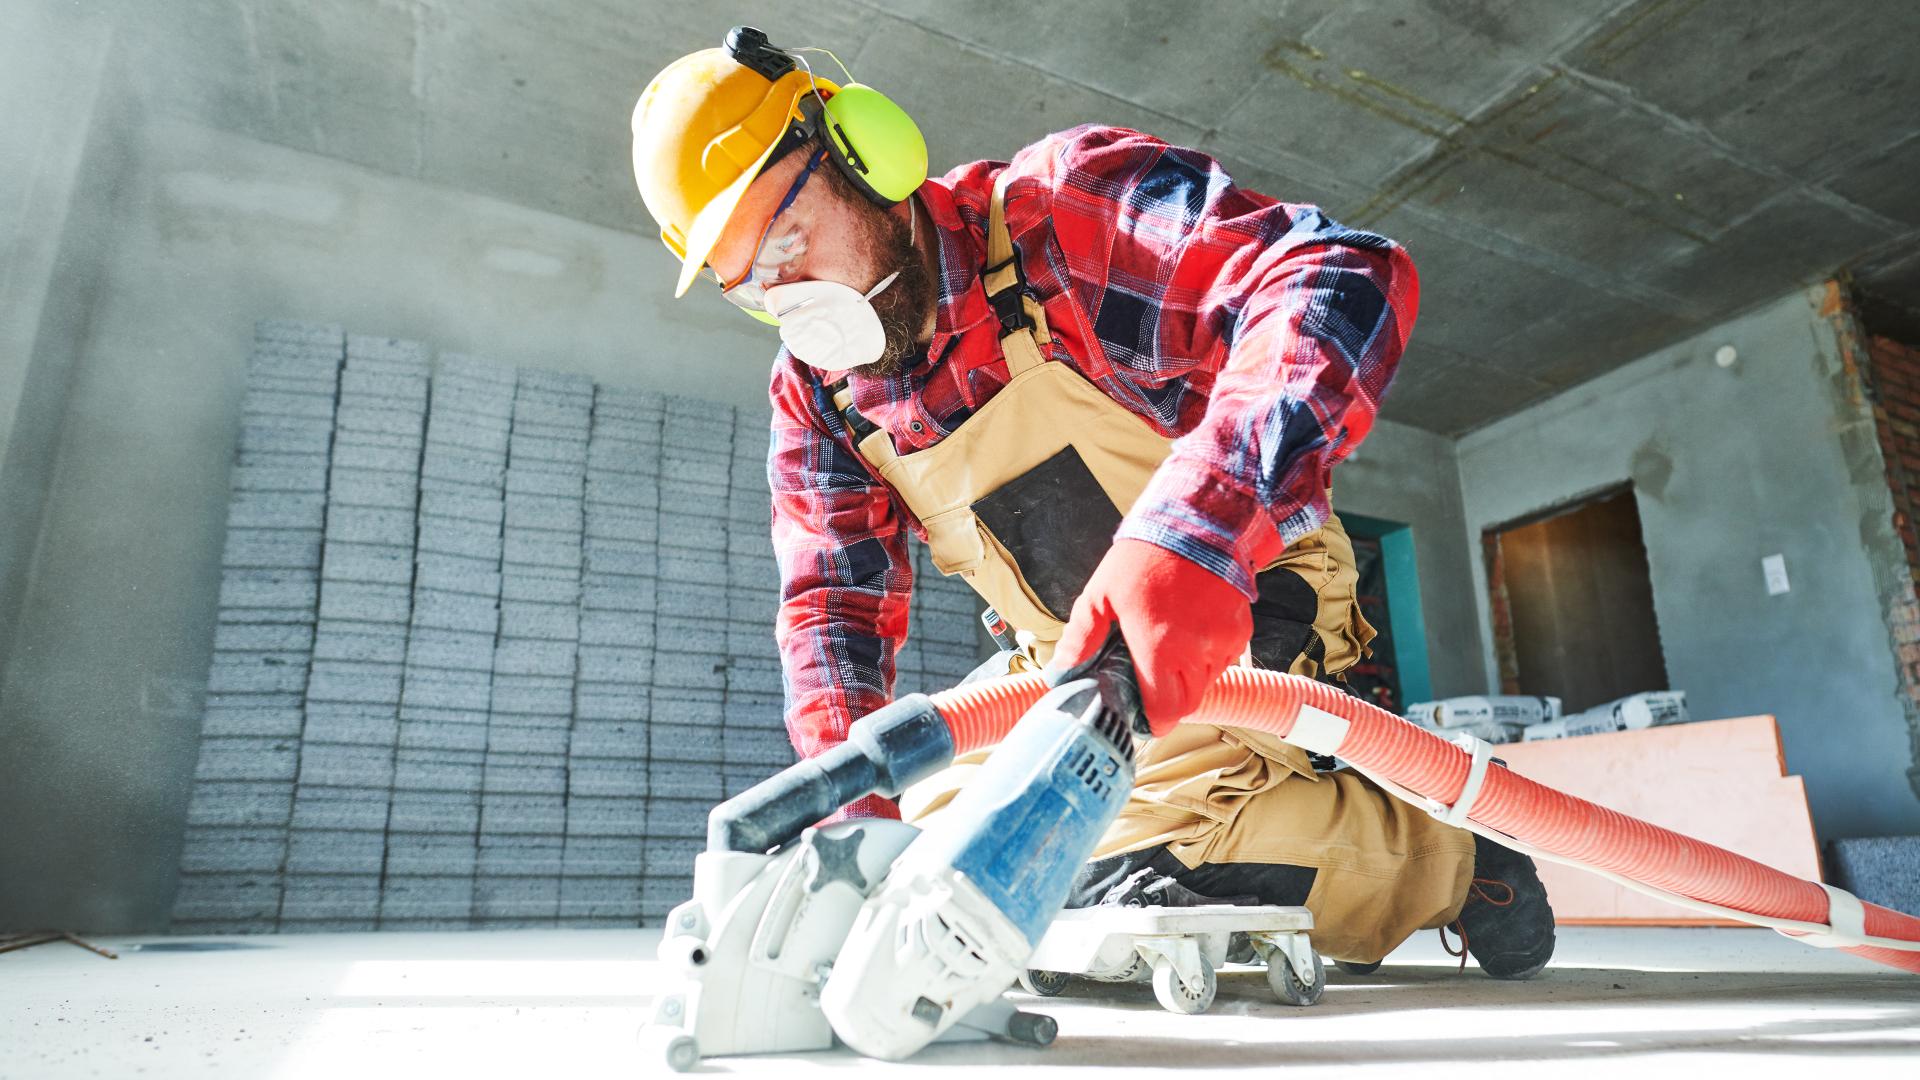 Kertakäyttöiset hengityssuojaimet ovat tiiviissä käytössä työmailla, tosin yksittäistä suojainta käytetään usein liian pitkiä aikoja